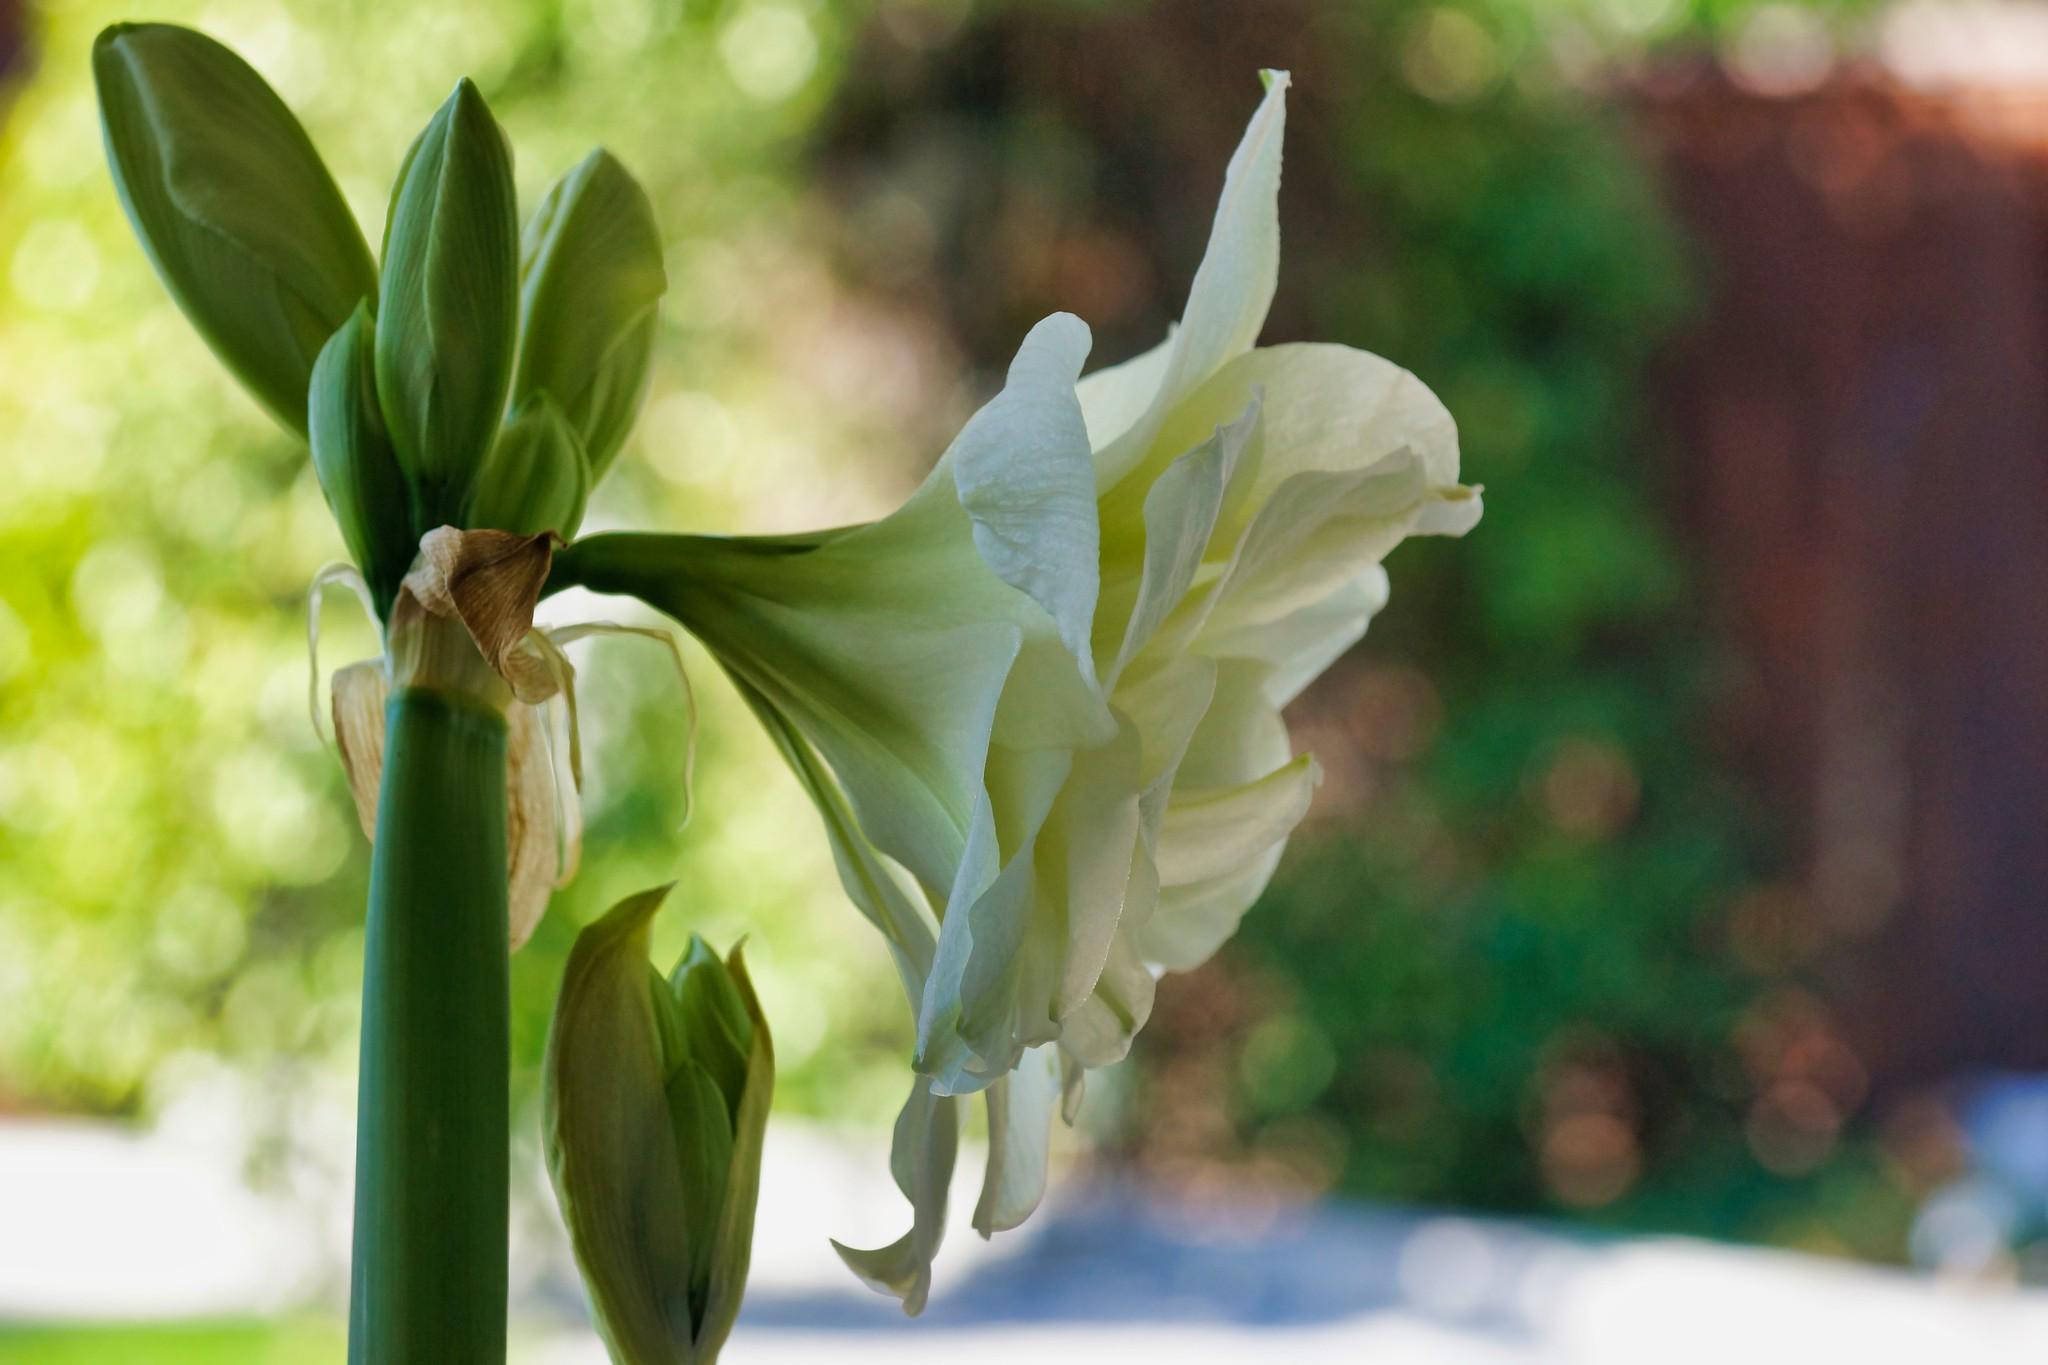 2019-03-08 - Nature Photography - Flowers - Amaryllis